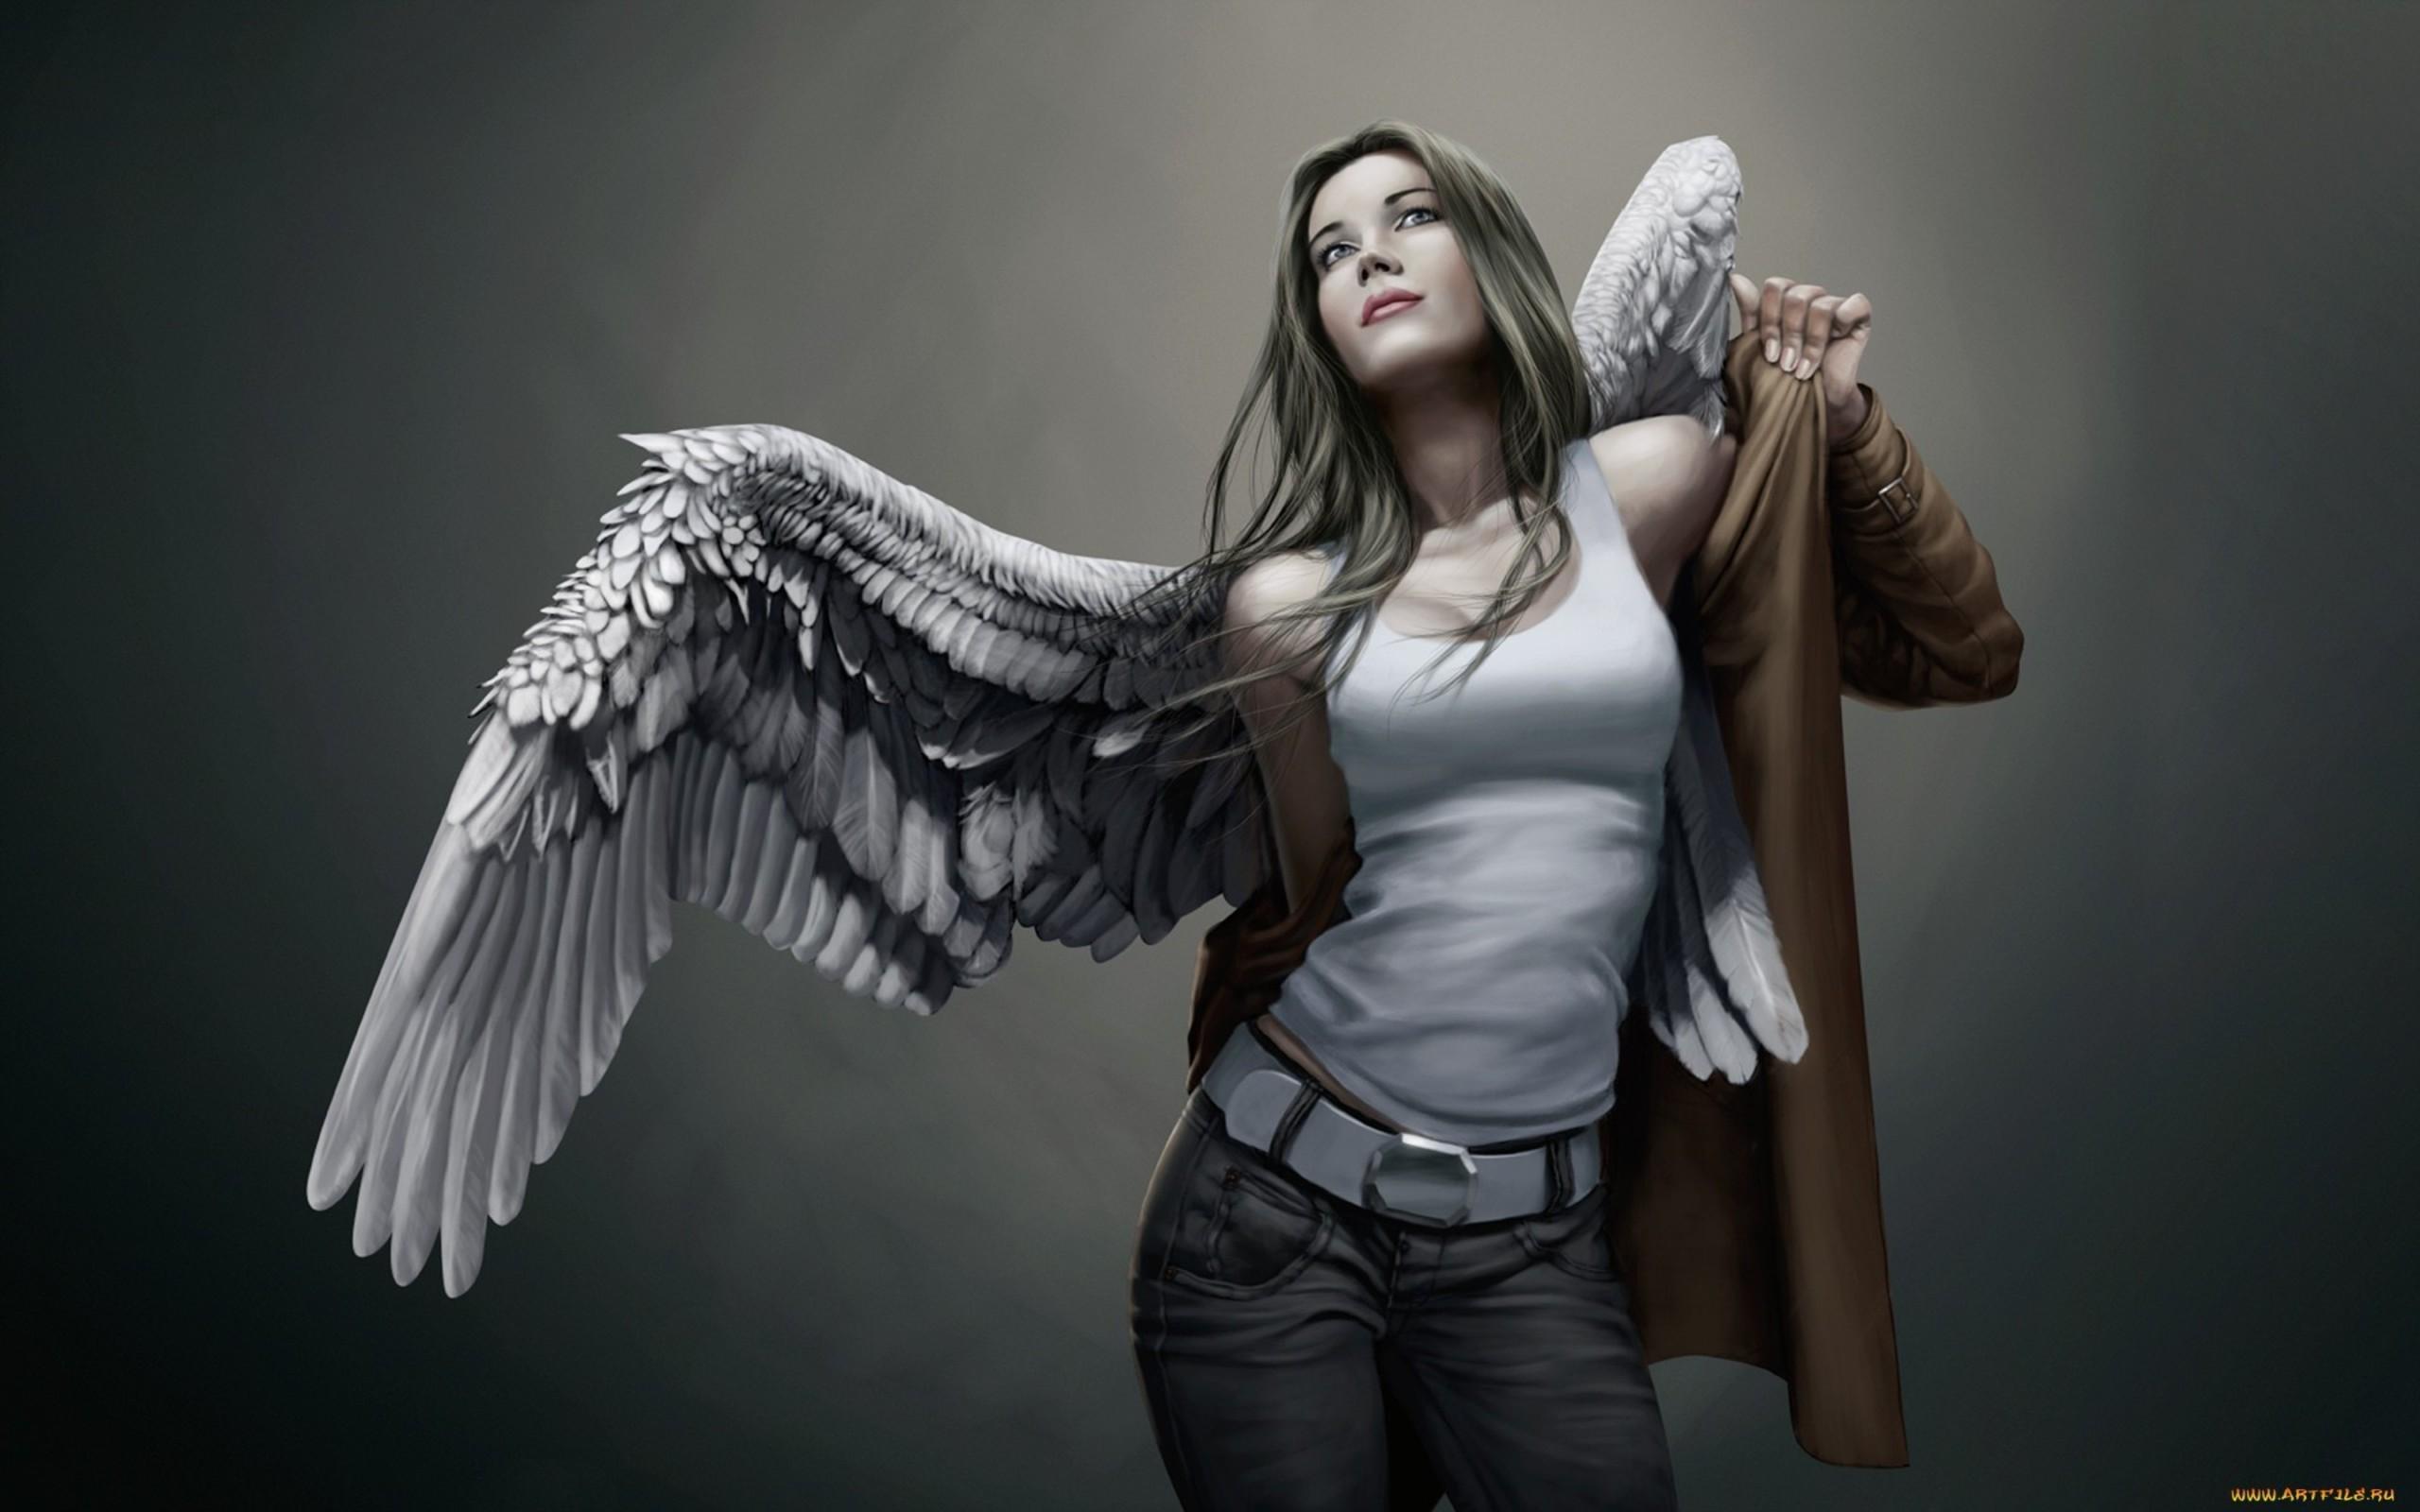 Фото девушки ангела с оружием 17 фотография